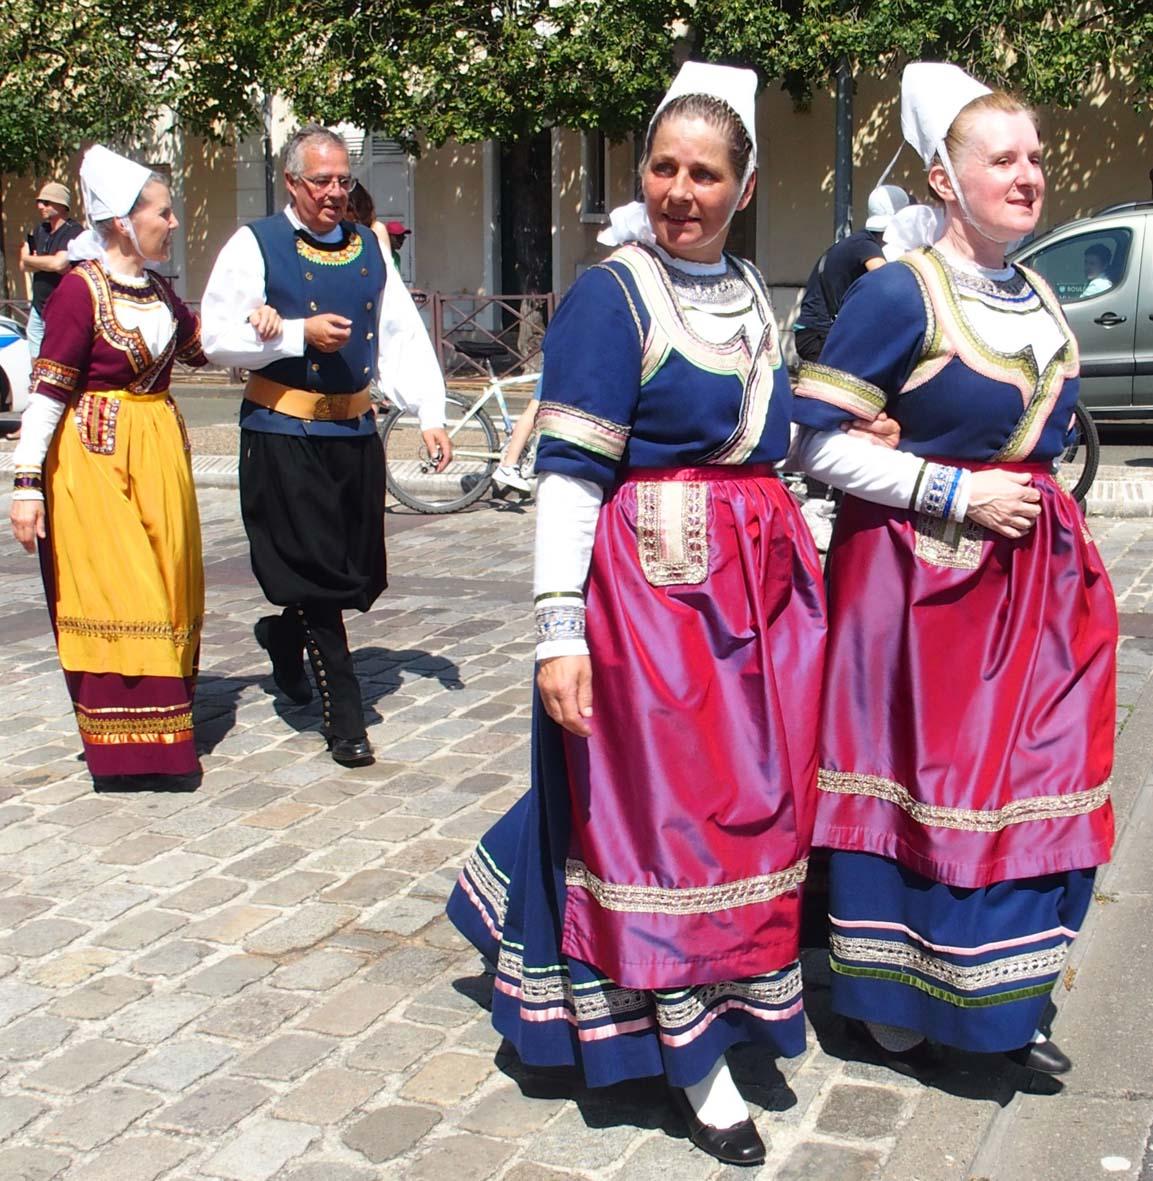 Défilé de la Gouel Breizh à  Poissy